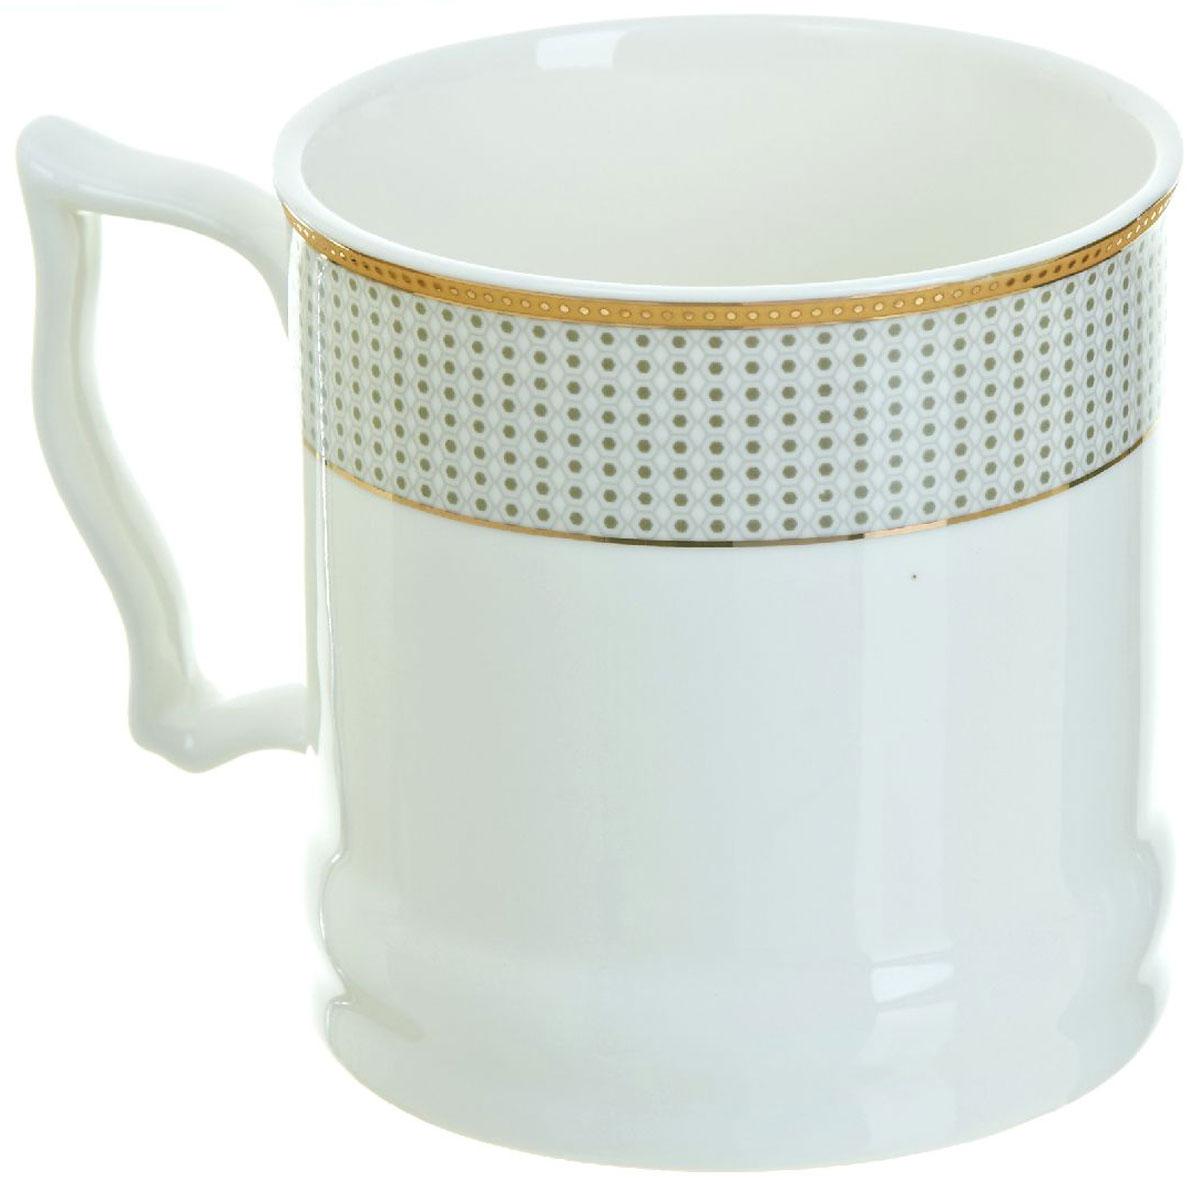 Кружка BHP Королевская кружка, 500 мл. M1870012M1870012Оригинальная кружка Best Home Porcelain, выполненная из высококачественного фарфора, сочетает в себе простой, утонченный дизайн с максимальной функциональностью. Оригинальность оформления придутся по вкусу тем, кто ценит индивидуальность. В комплект входит кружка. Можно использовать в ПММ.